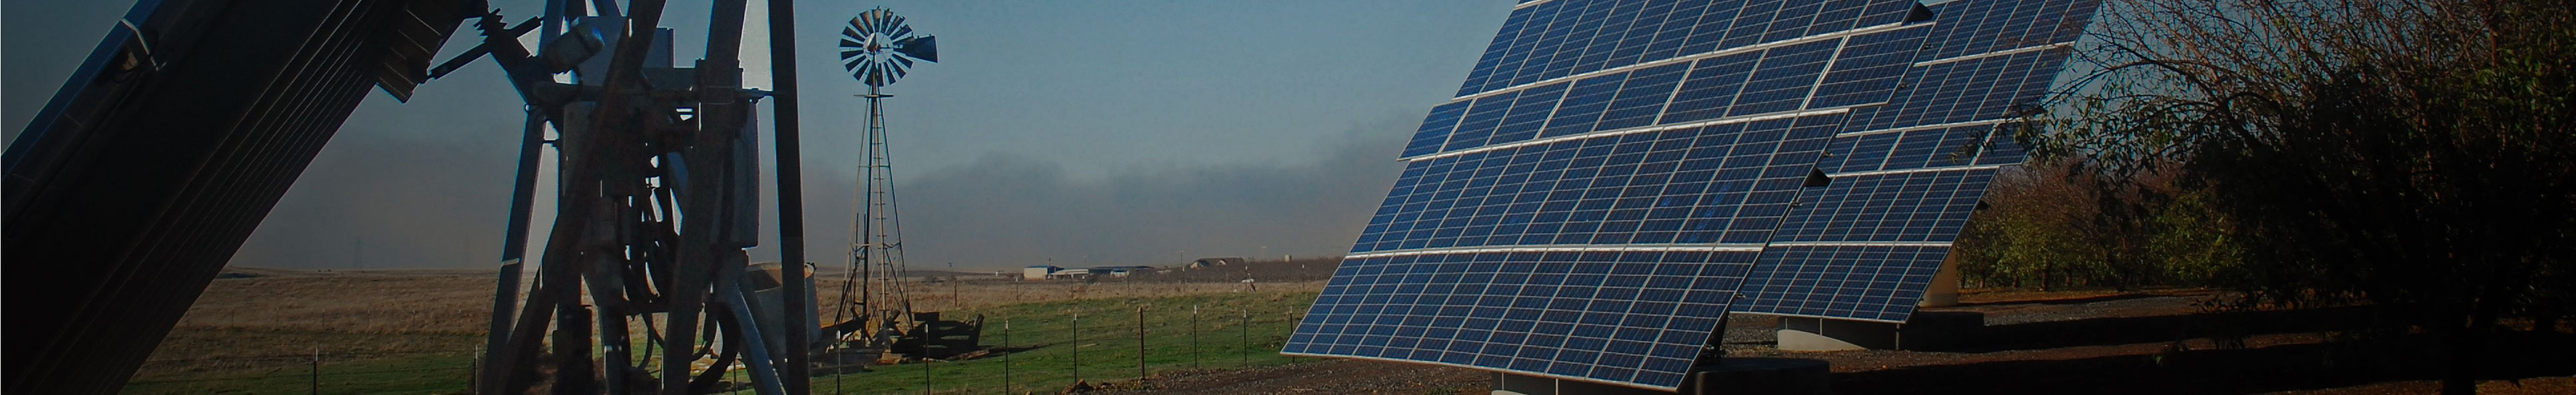 Hot-Dip Galvanized Solar Panels